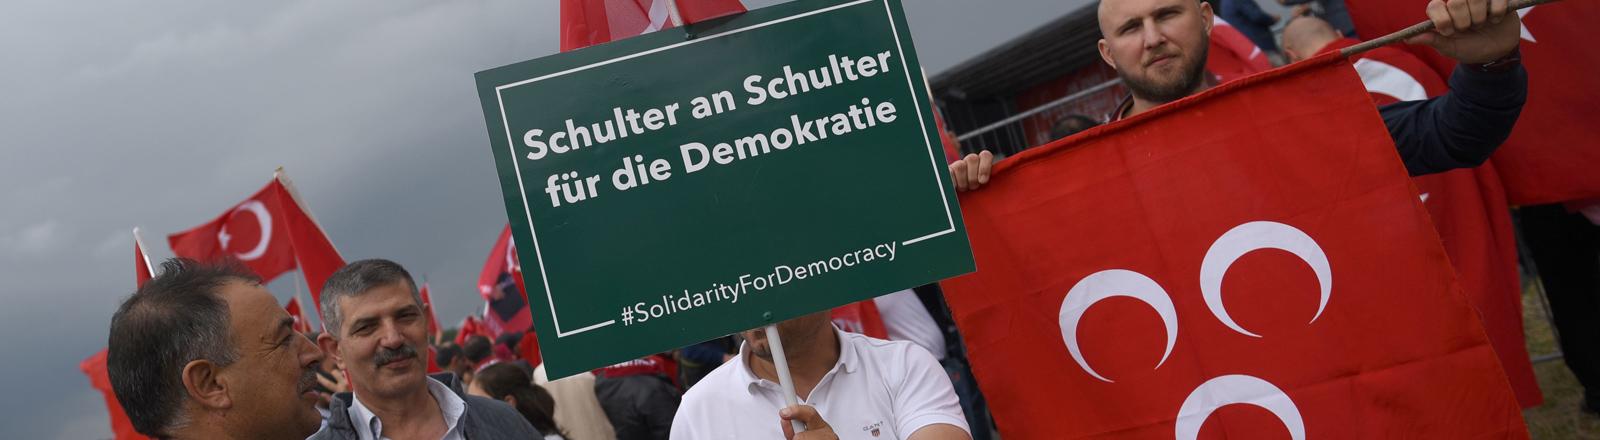 Anhänger des türkischen Staatspräsidenten Erdogan warten am 31.07.2016 in Köln (Nordrhein-Westfalen) auf den Beginn der Kundgebung. Ein Demonstrant hält dabei die Fahne der Grauen Wölfe (MHP).